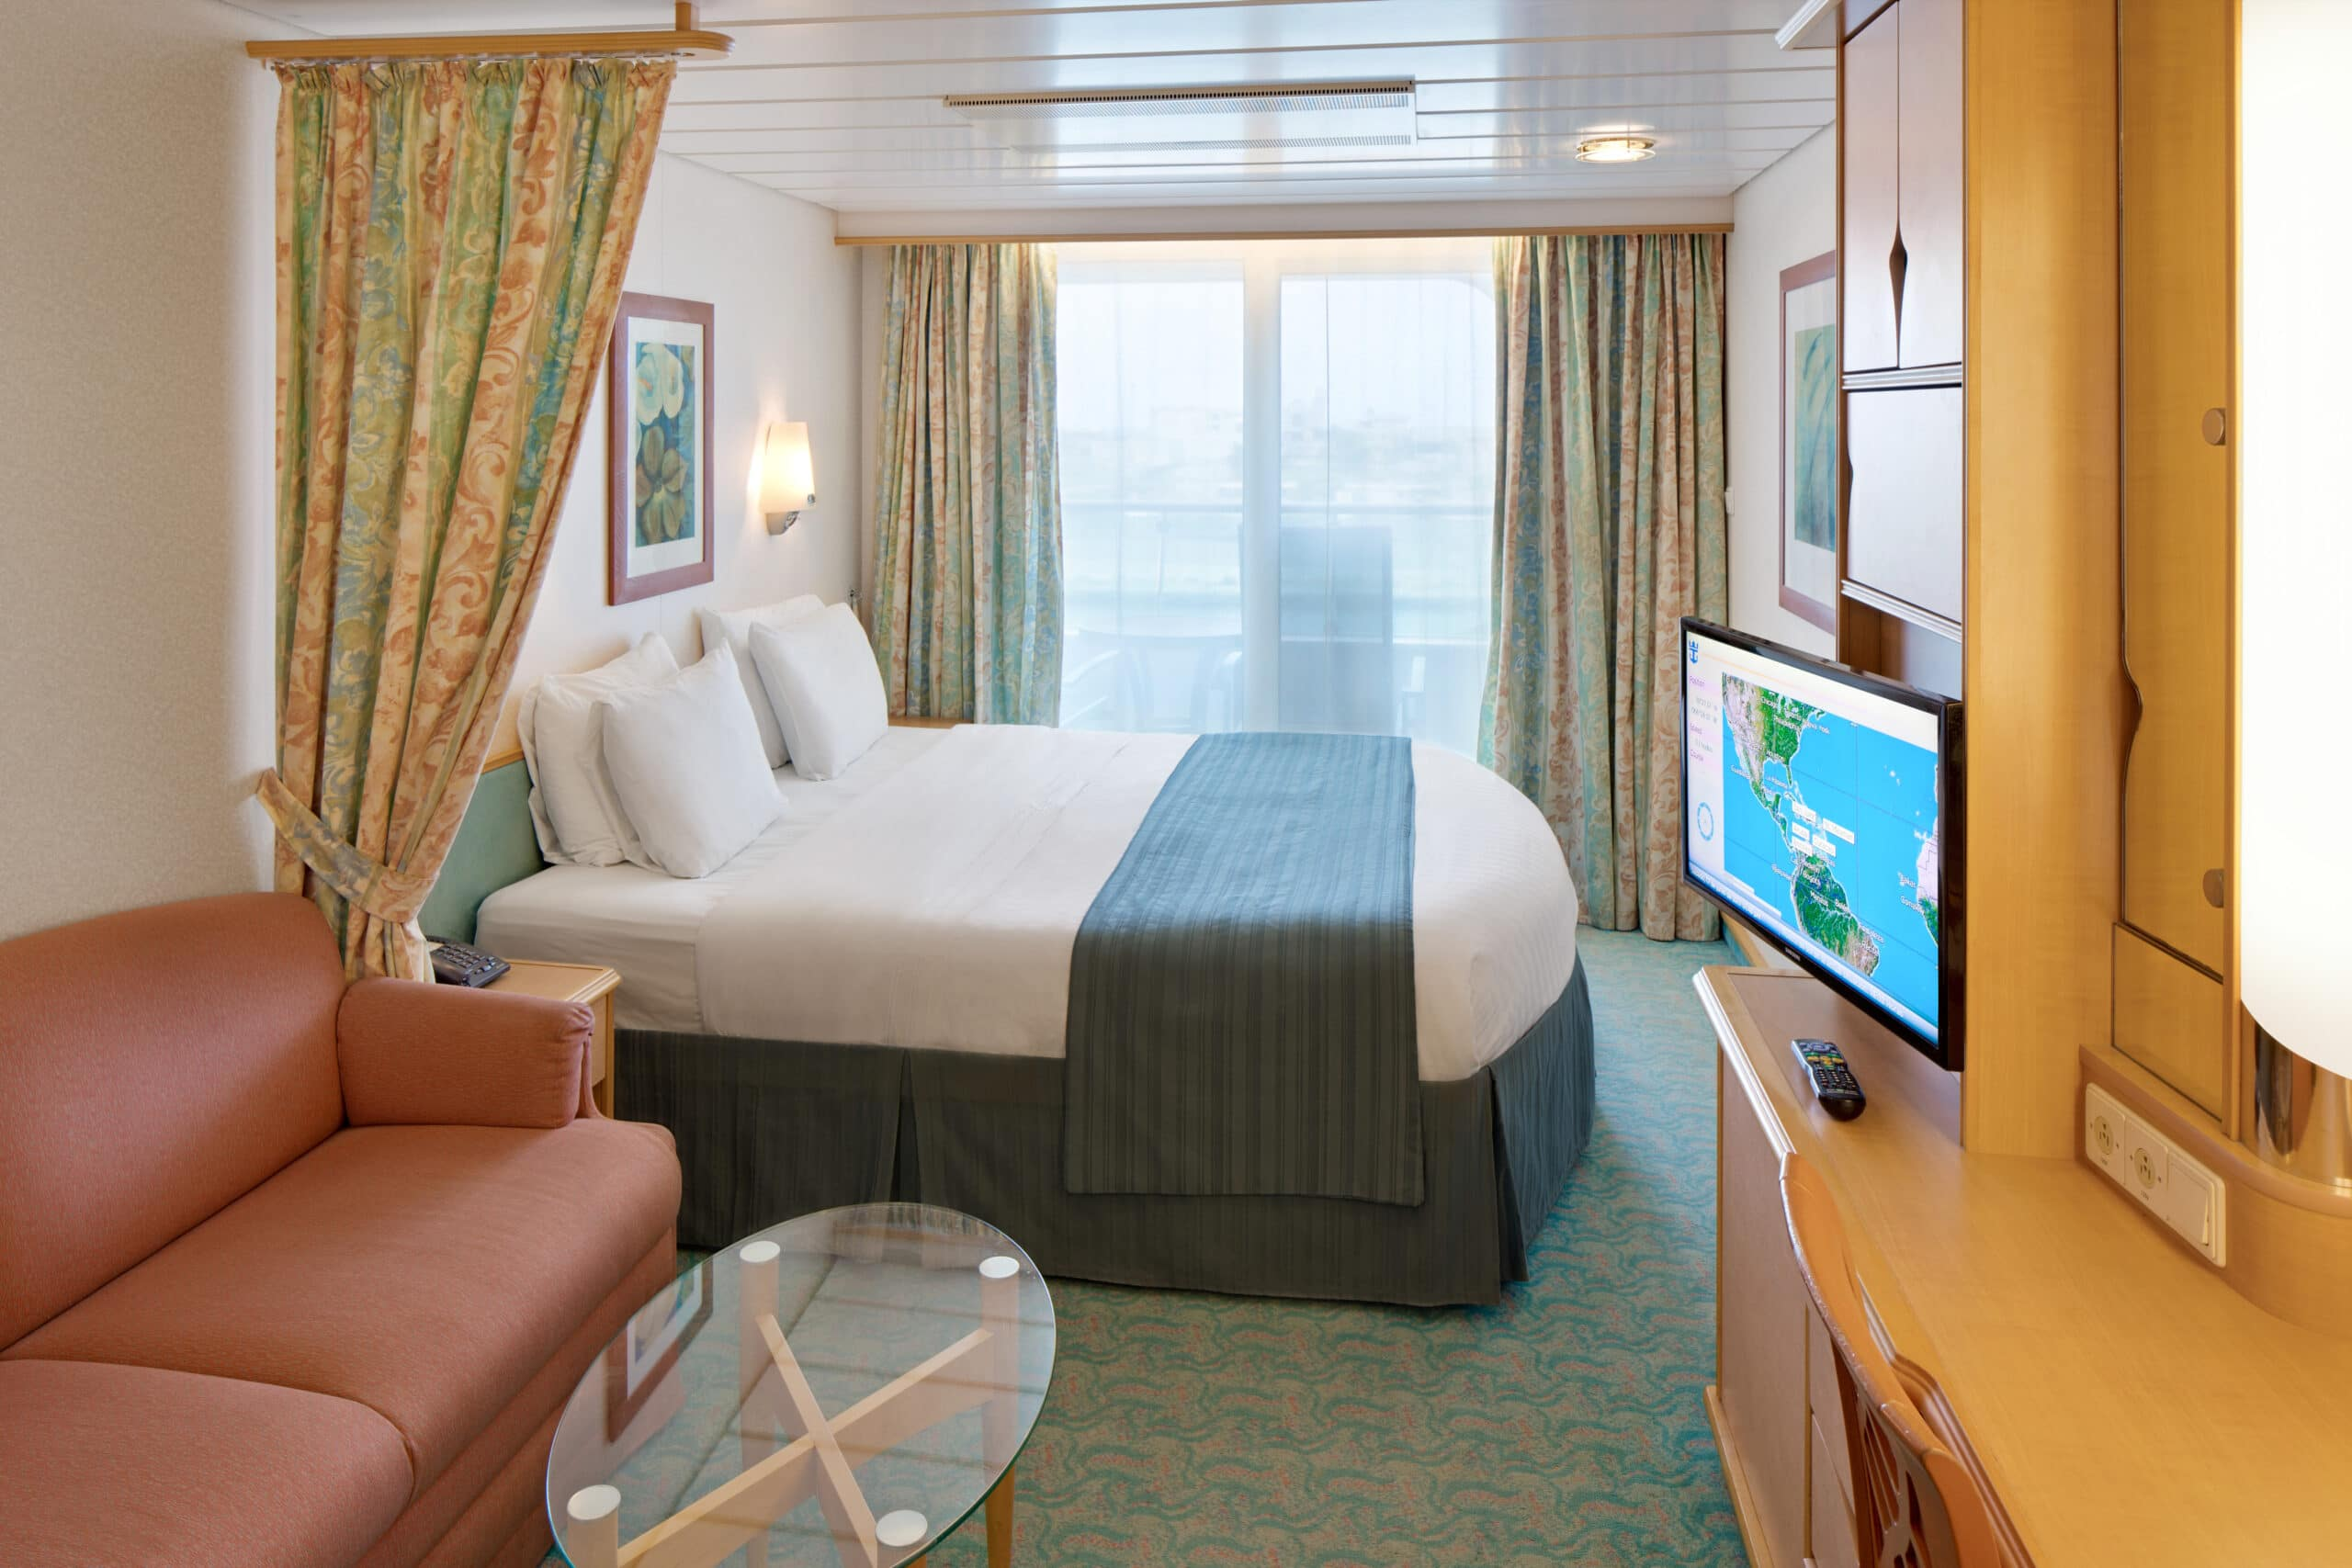 Royal-Caribbean-International-Adventure-of-the-Seas-schip-cruiseschip-categorie-1d-2d-3D-4D-5d-6d-7D-balkonhut